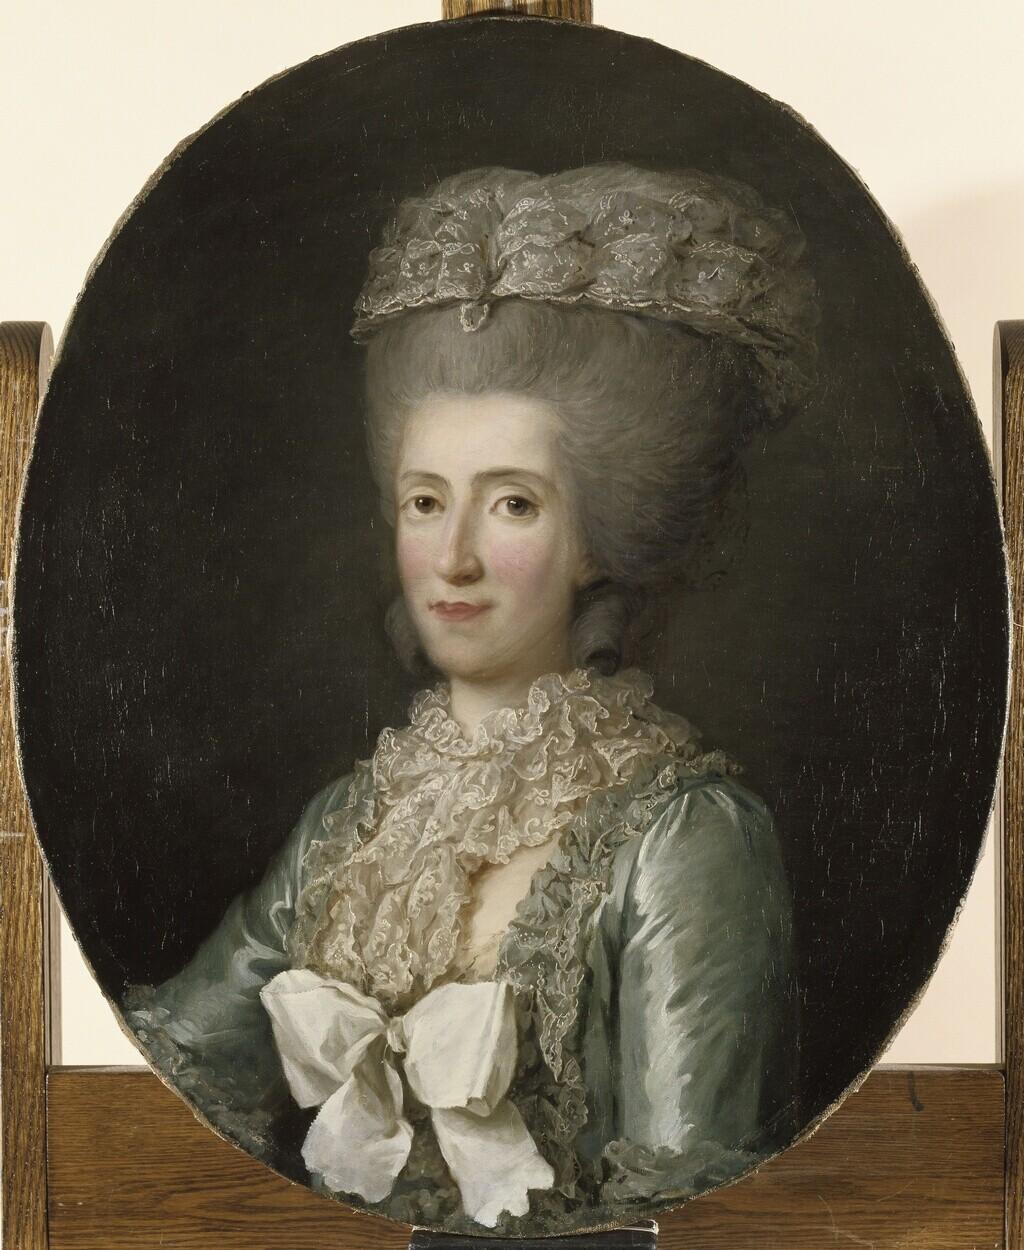 Marie-Adélaïde de France, dite Madame Adélaïde - Page 3 Image206